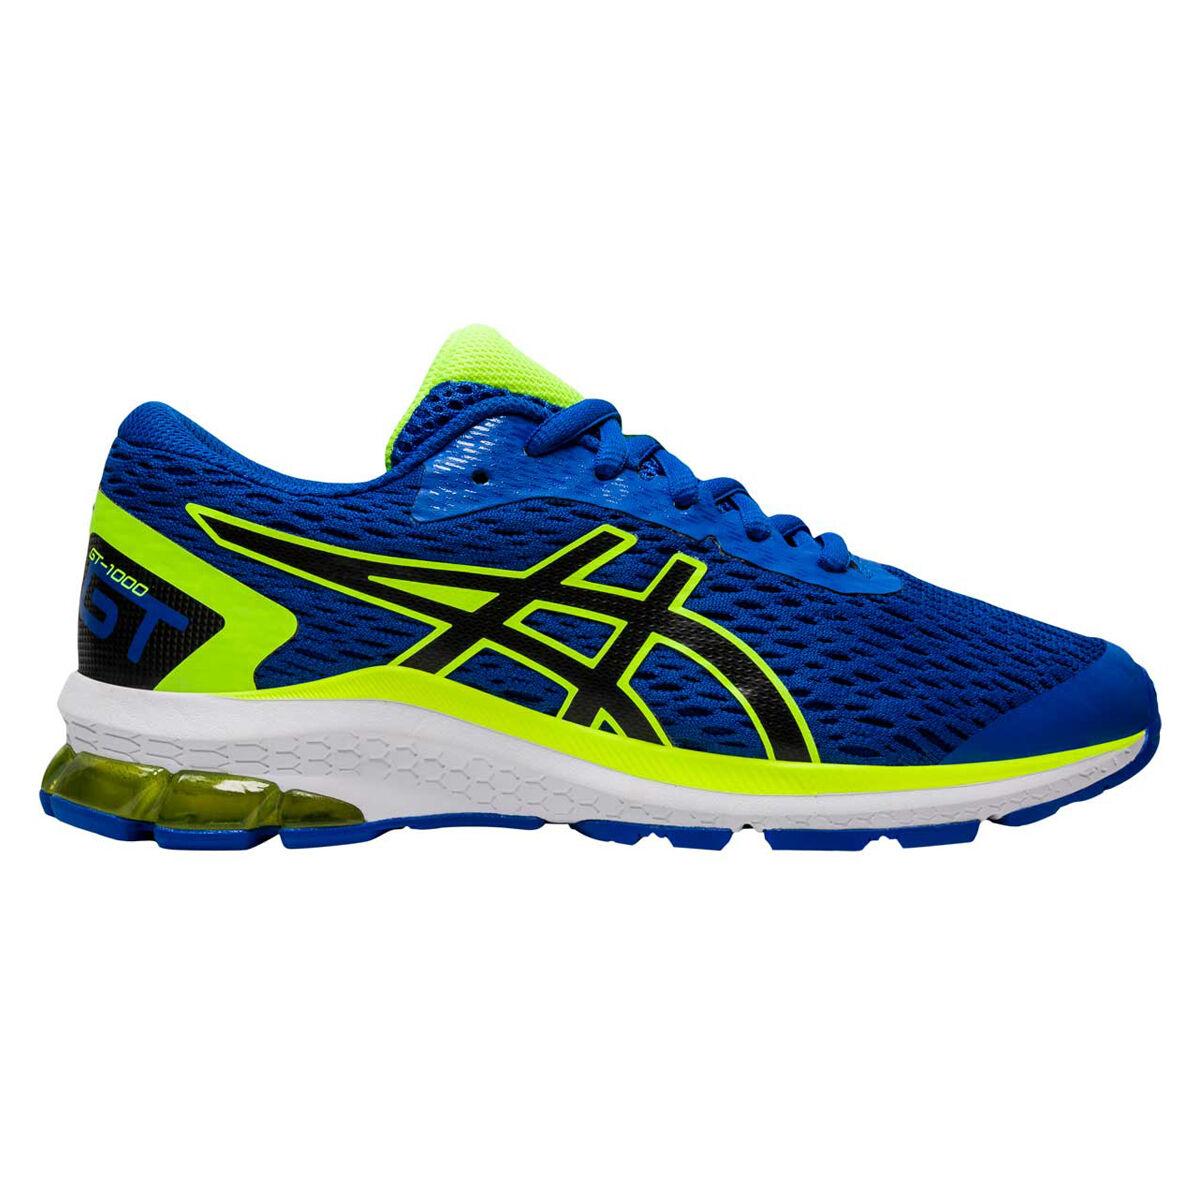 Asics GT 1000 9 Kids Running Shoes